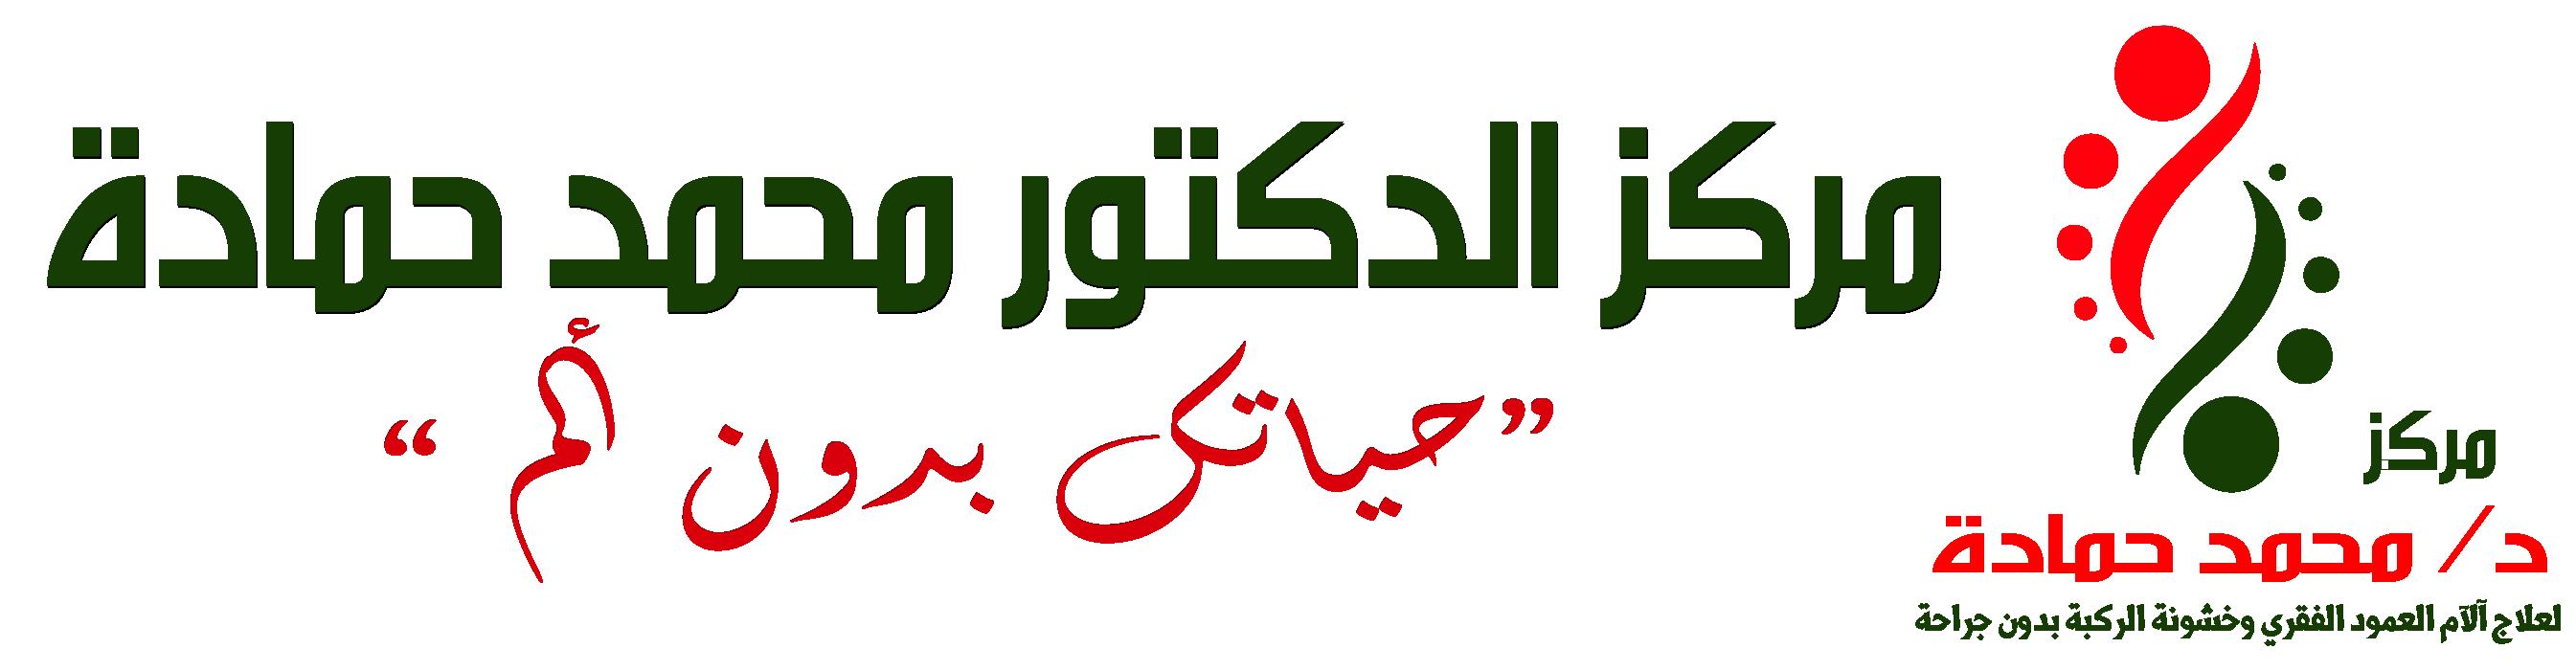 مركز الدكتور محمد حمادة لعلاج الألم